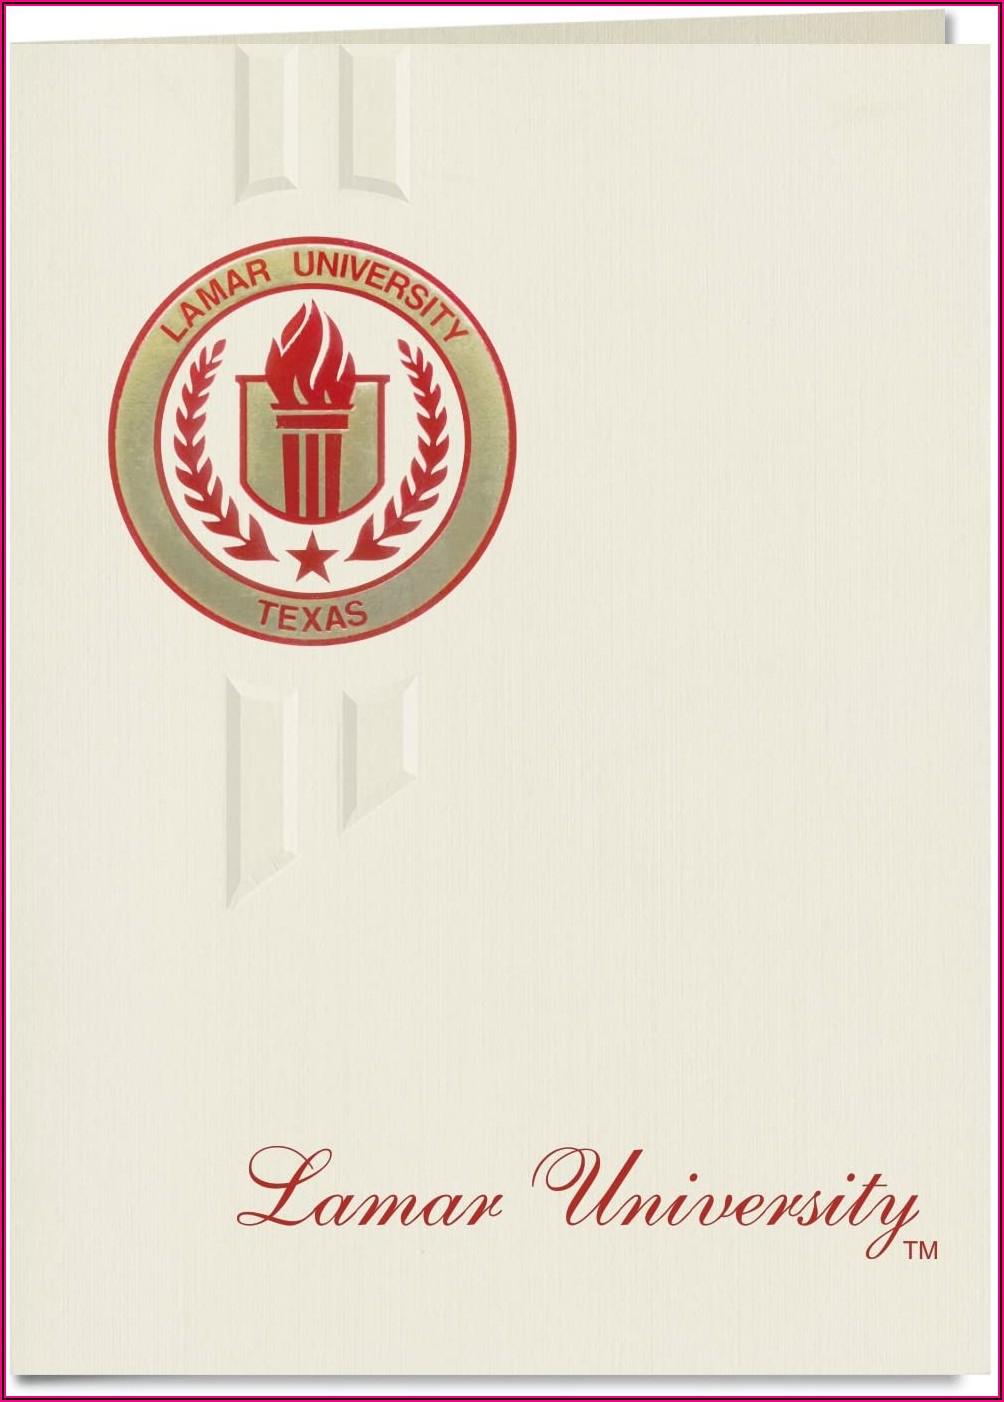 Lamar University Graduation Announcements